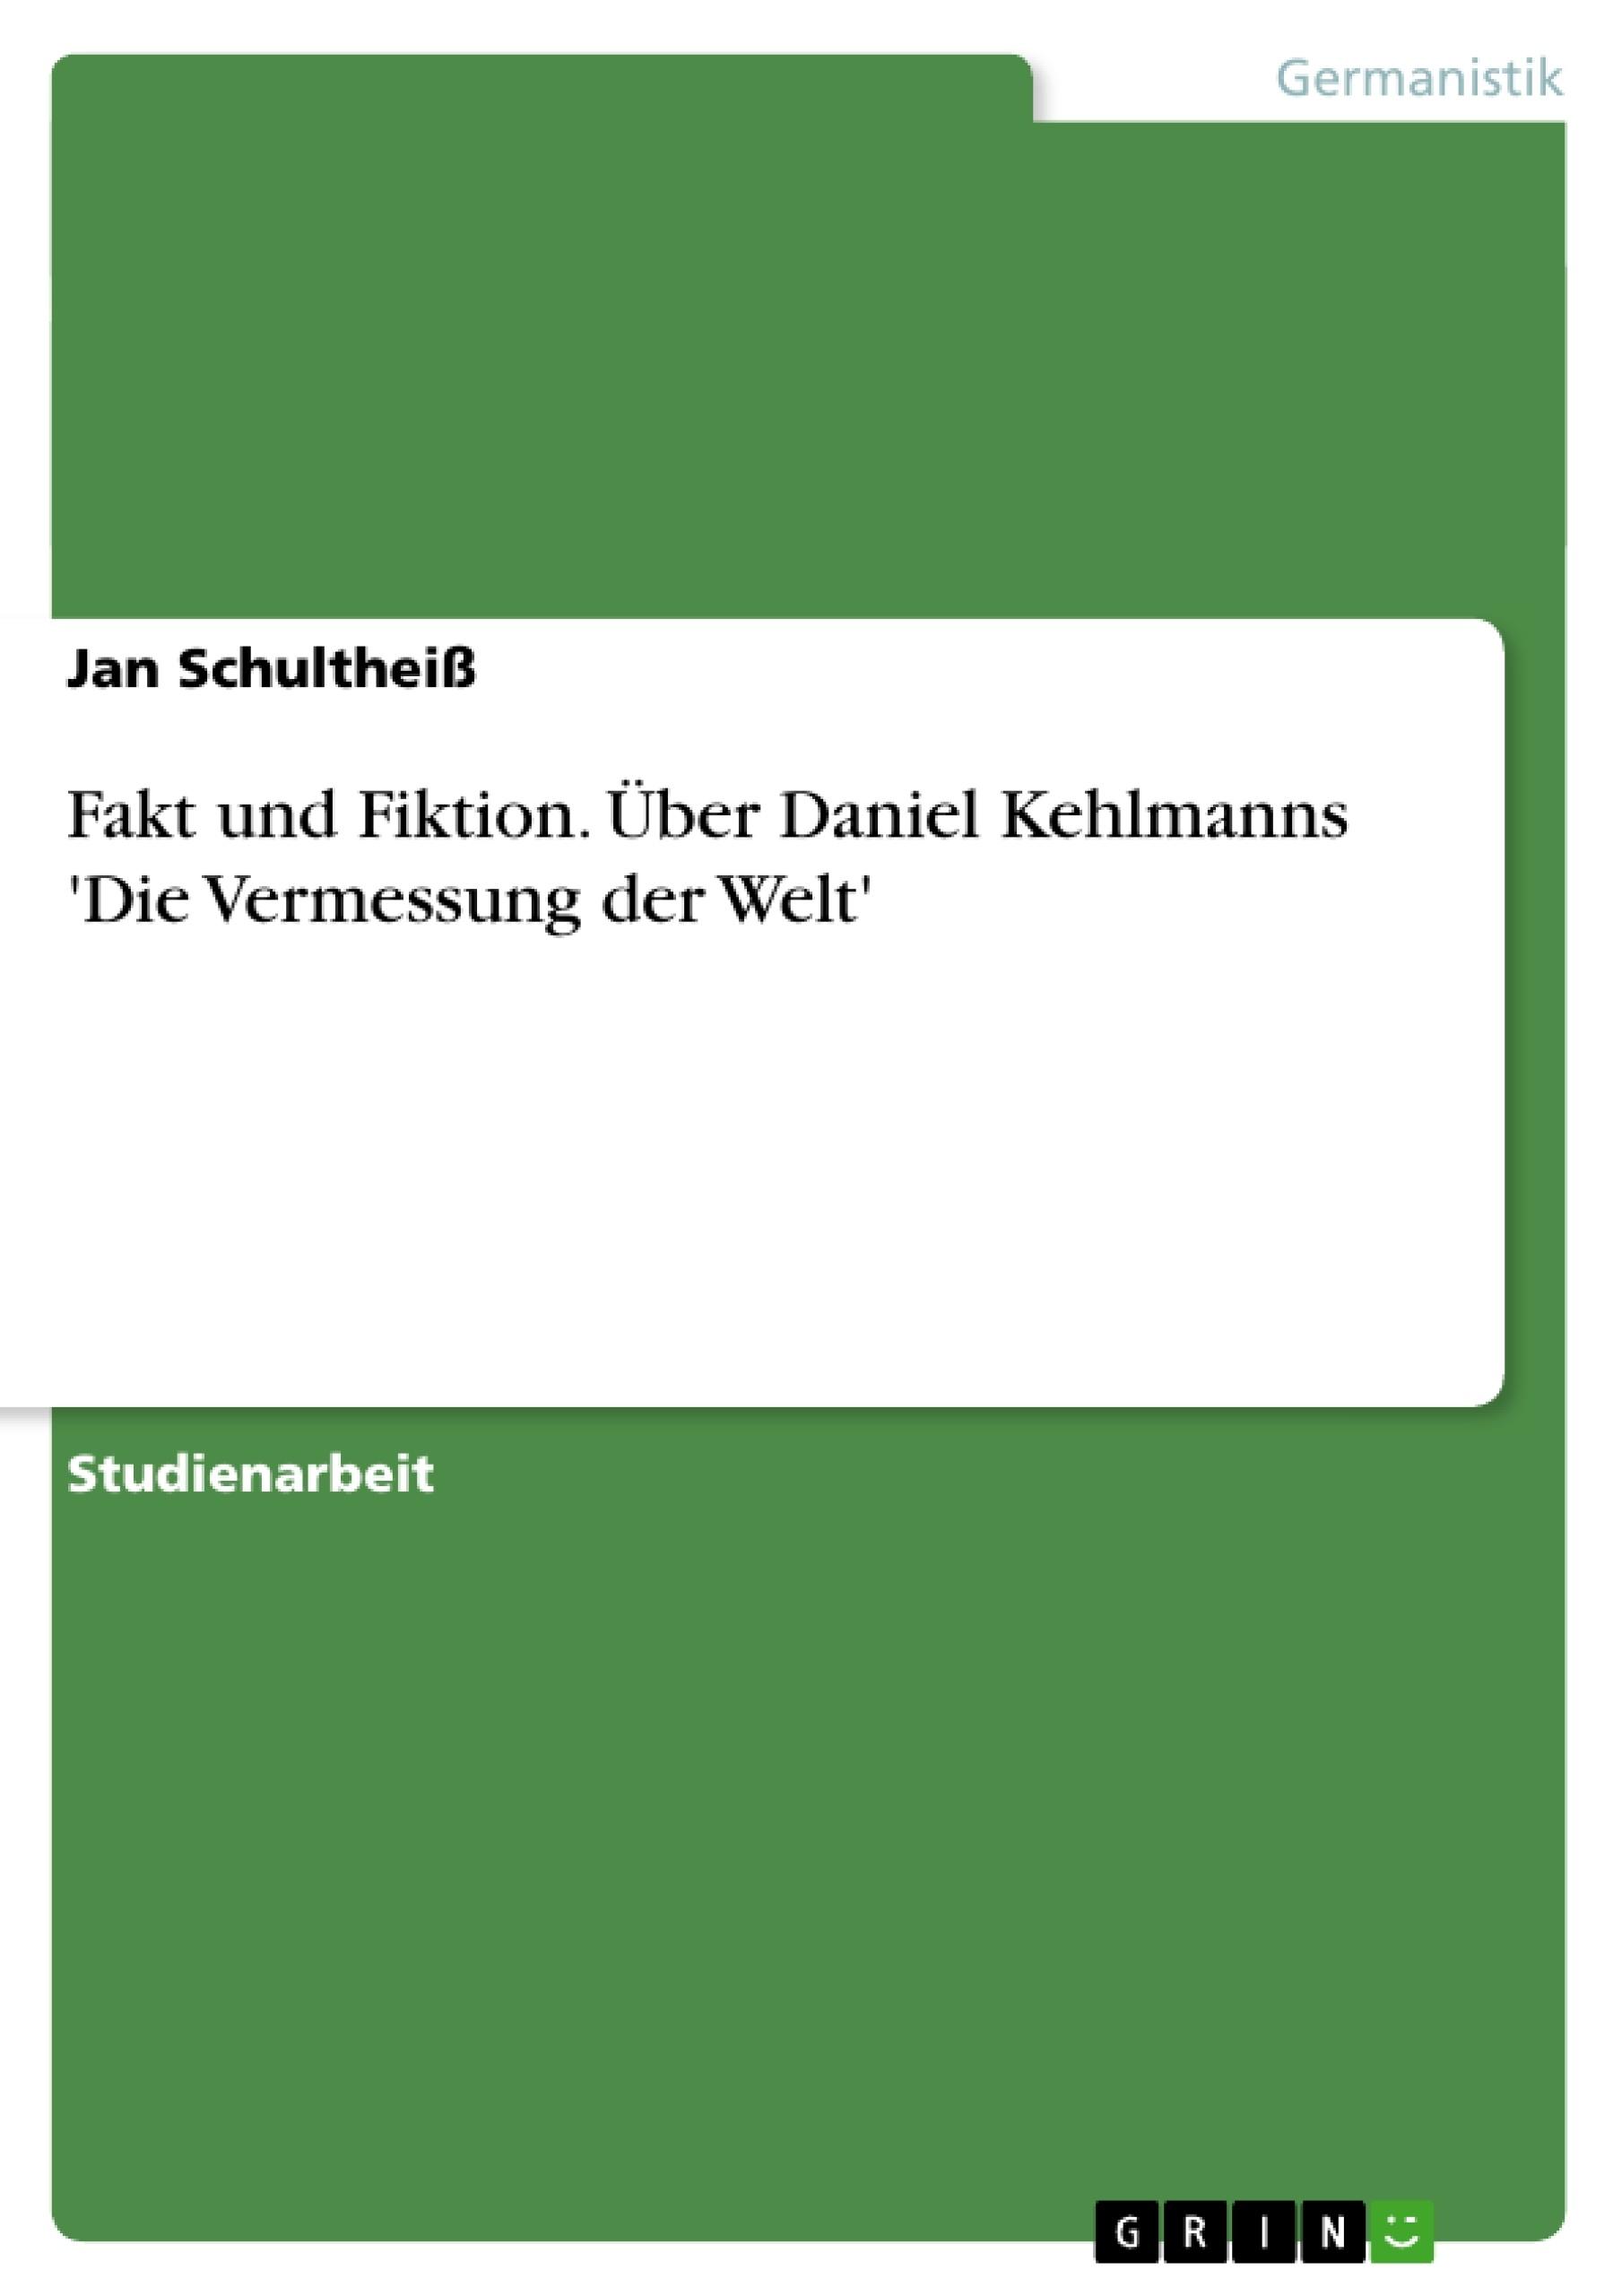 Titel: Fakt und Fiktion. Über Daniel Kehlmanns 'Die Vermessung der Welt'